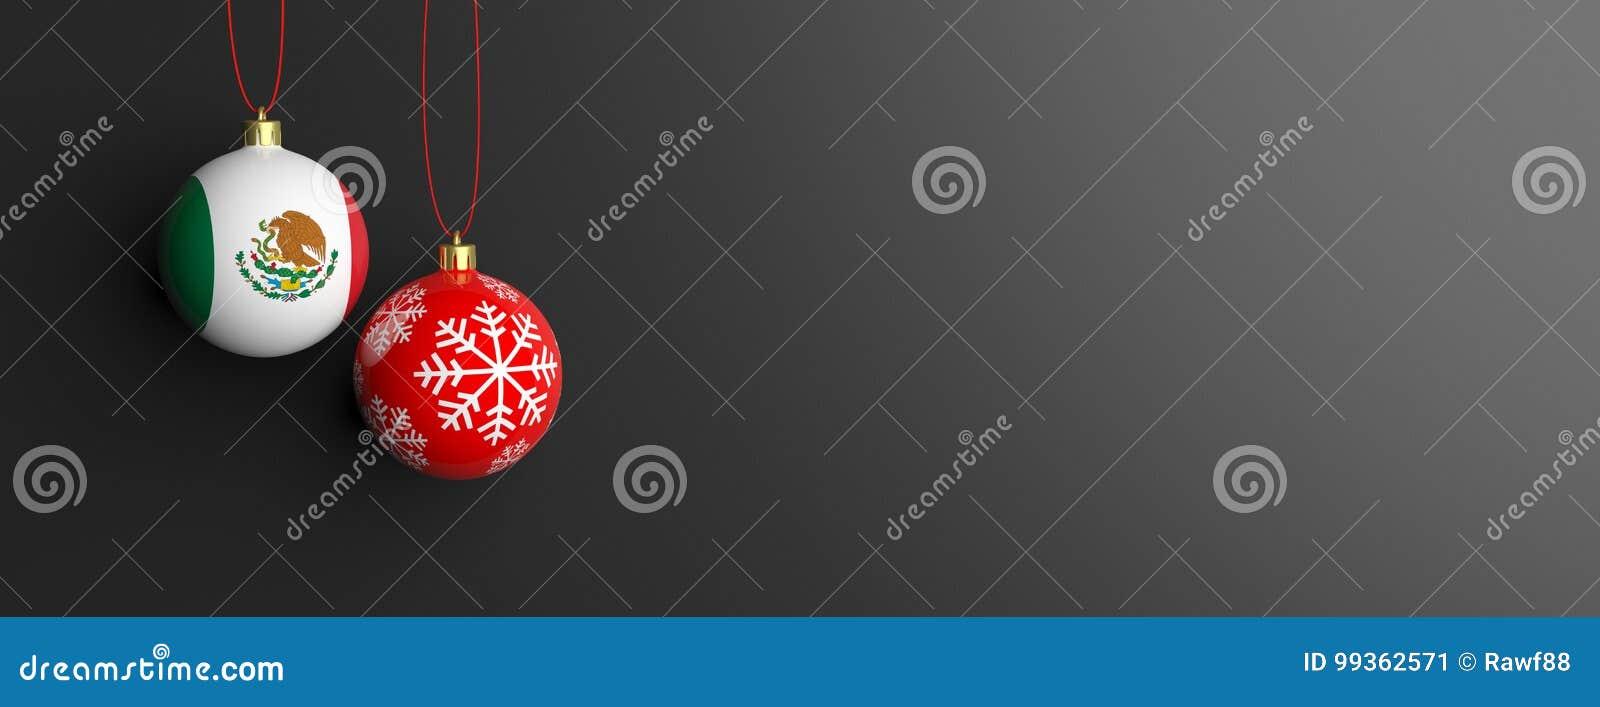 De vlag van Mexico op een Kerstmisbal, zwarte achtergrond 3D Illustratie